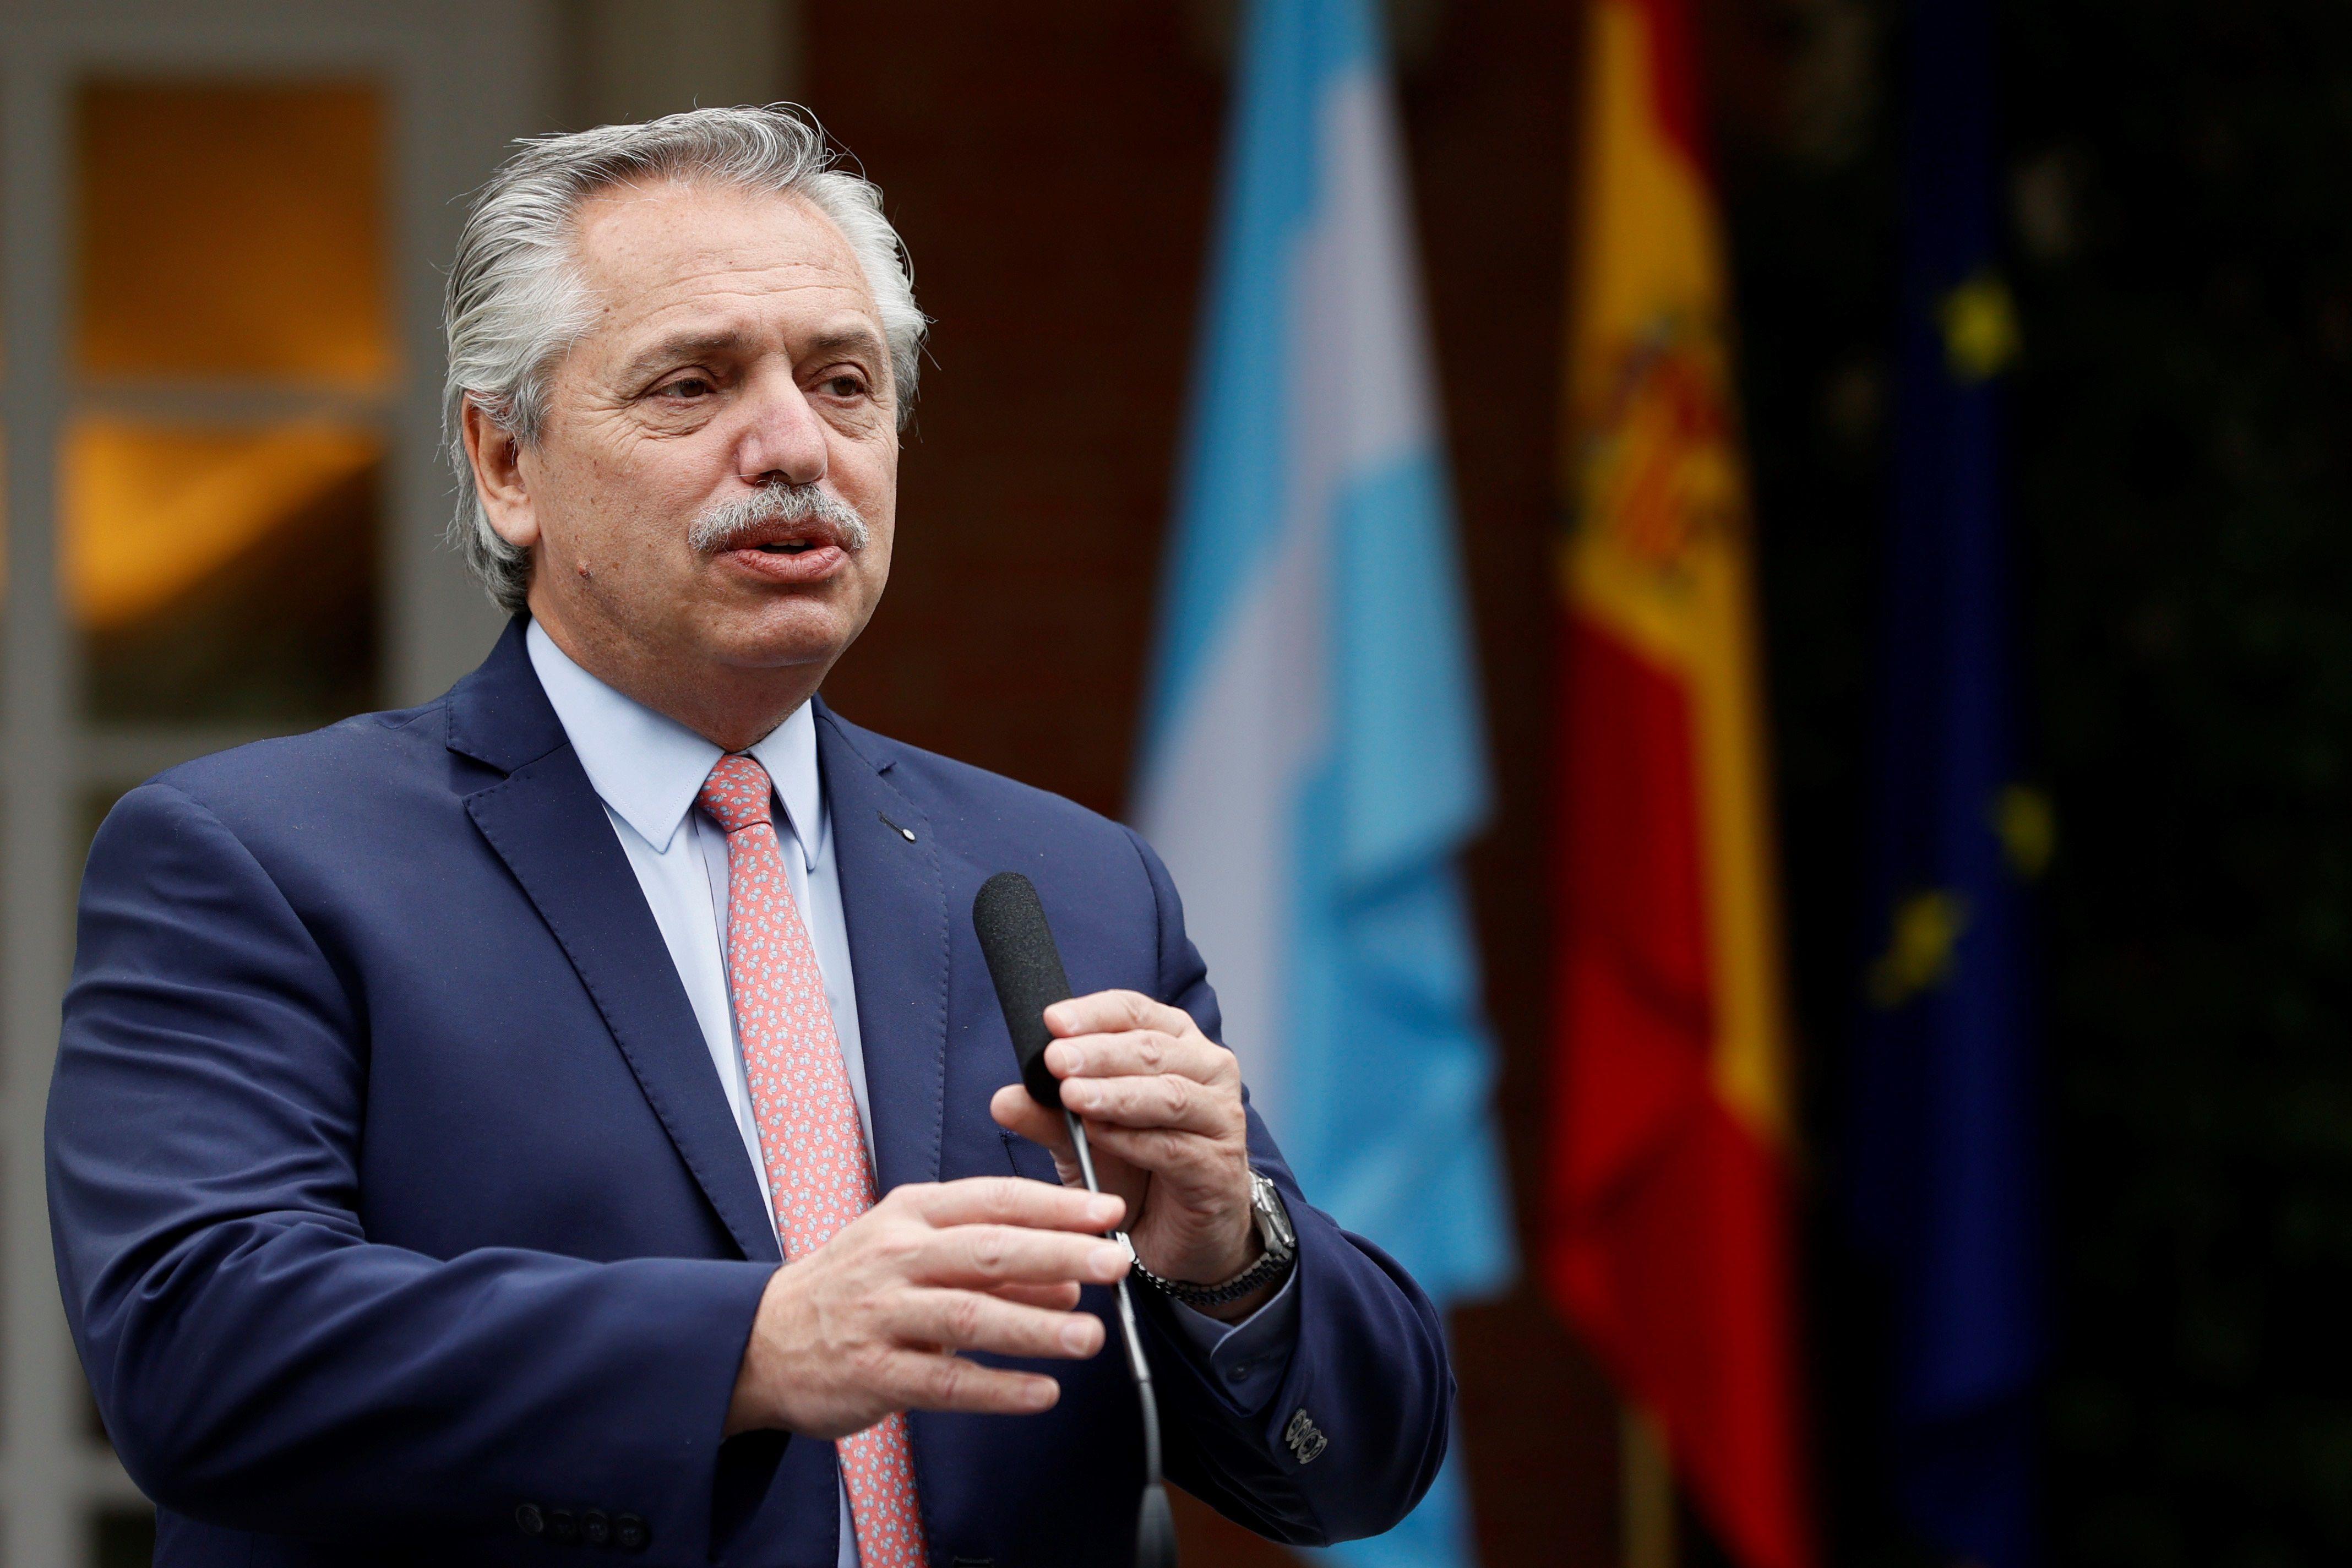 El Gobierno de Alberto Fernández mañana anunciará un nuevo esquema para la exportación de carne vacuna. EFE/Ballesteros/Archivo